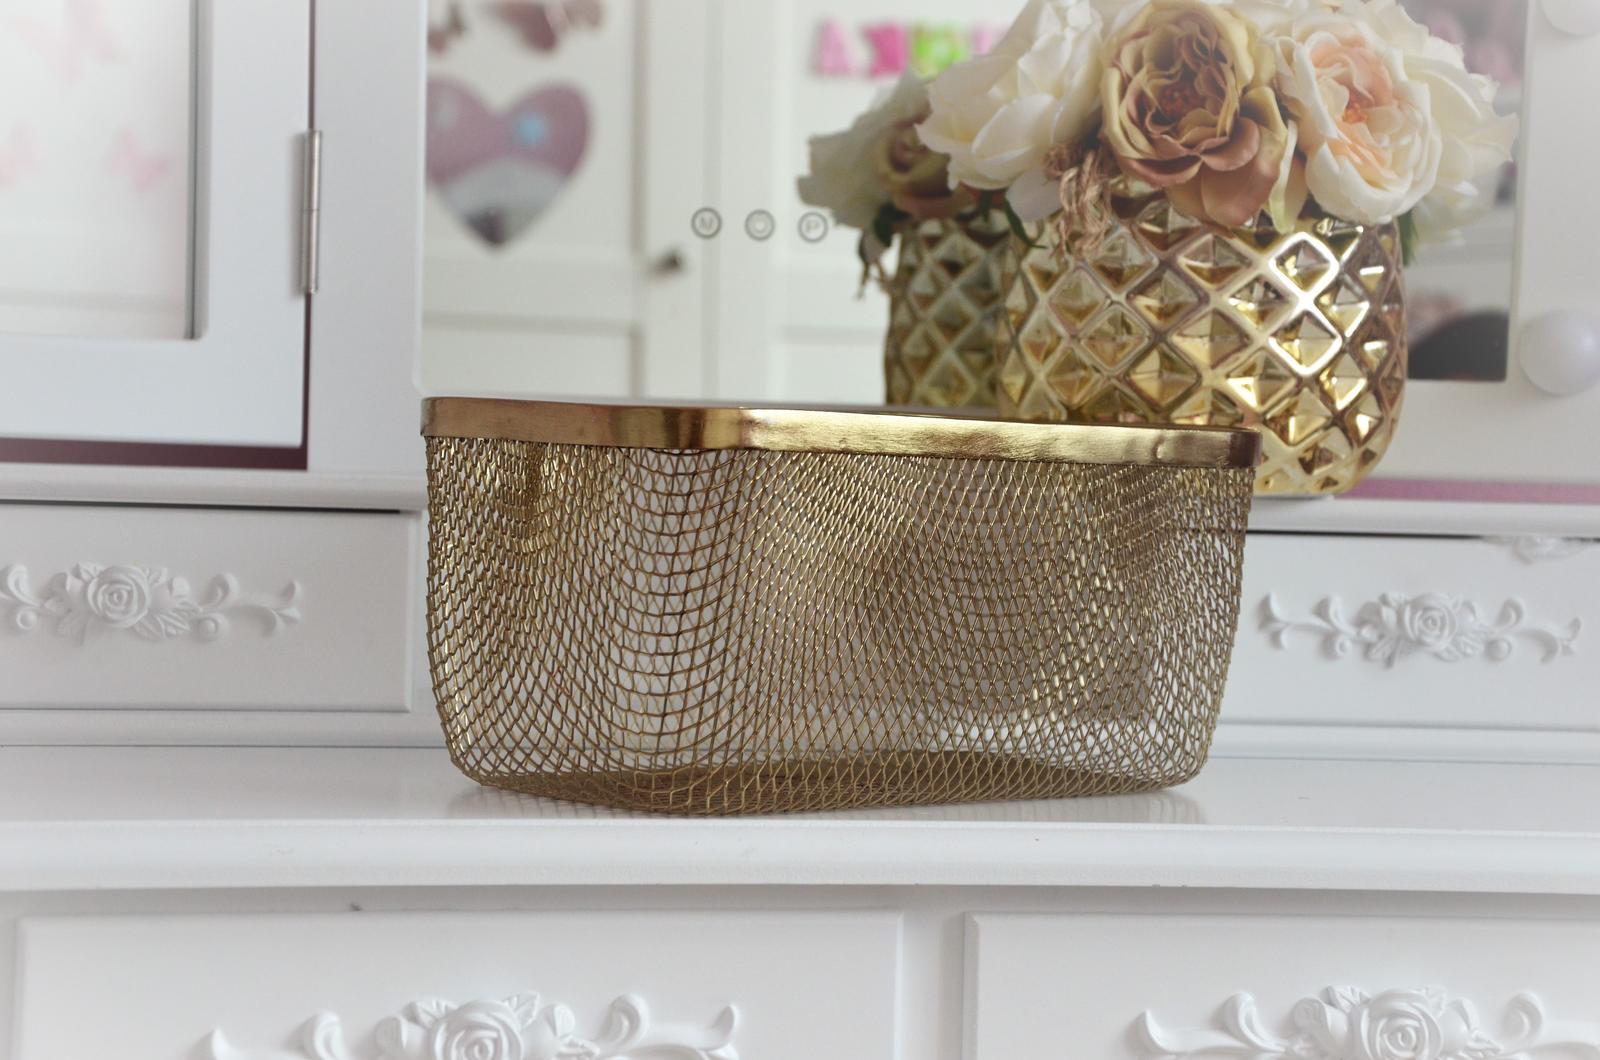 zlatý kovový úložný košík - Obrázok č. 1